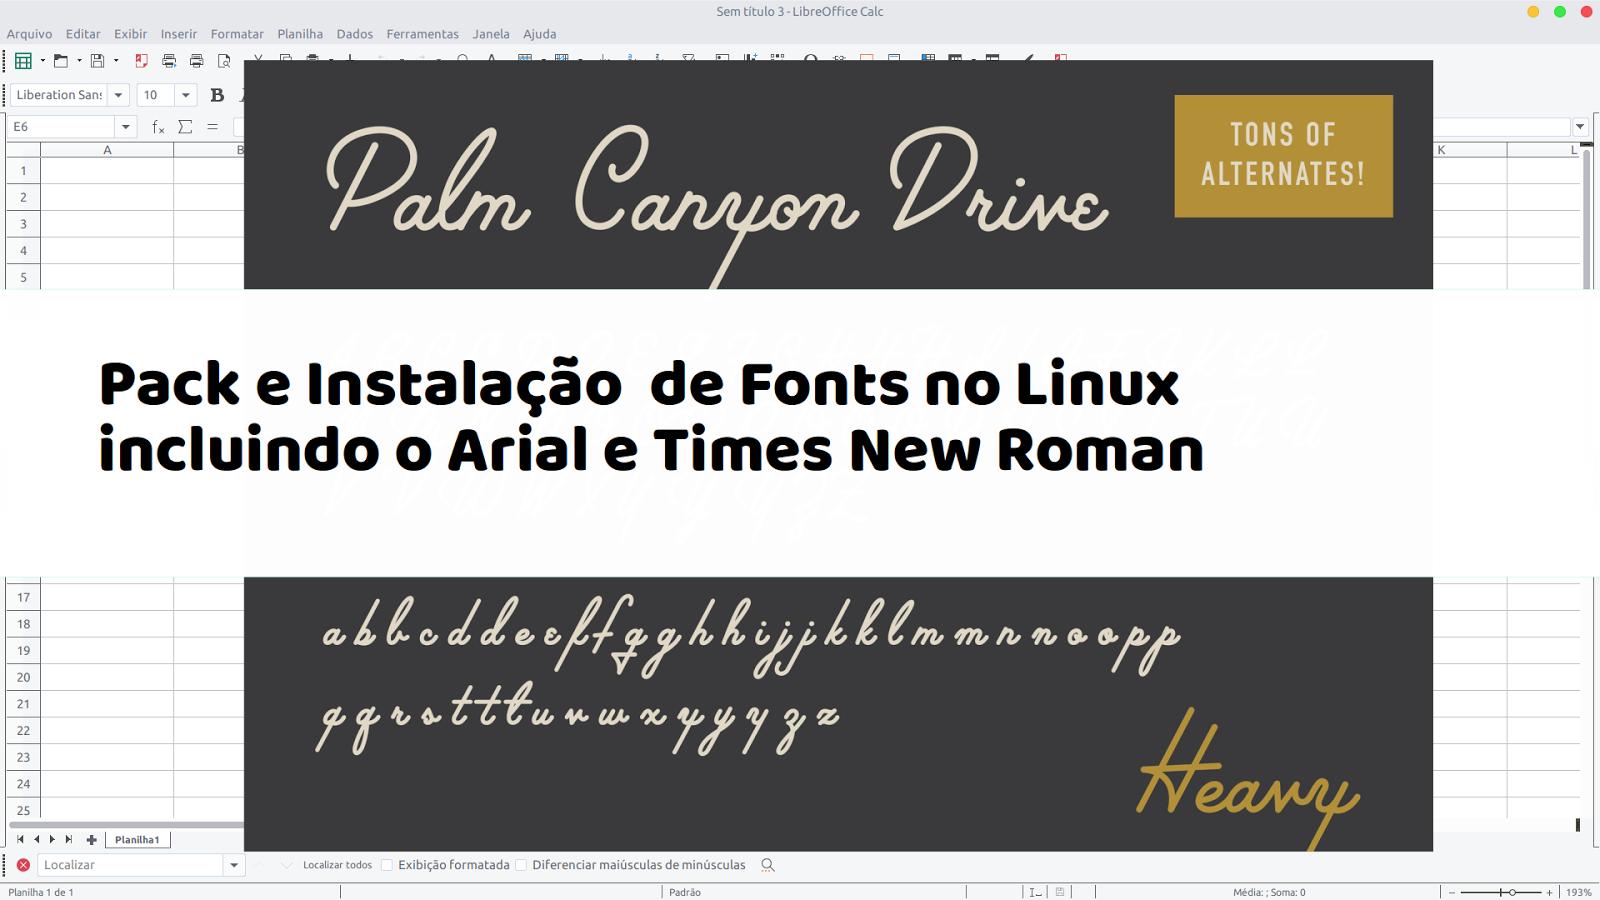 VÍDEO - Pack e Instalação de Fonts no Linux incluindo o Arial e Times New Roman